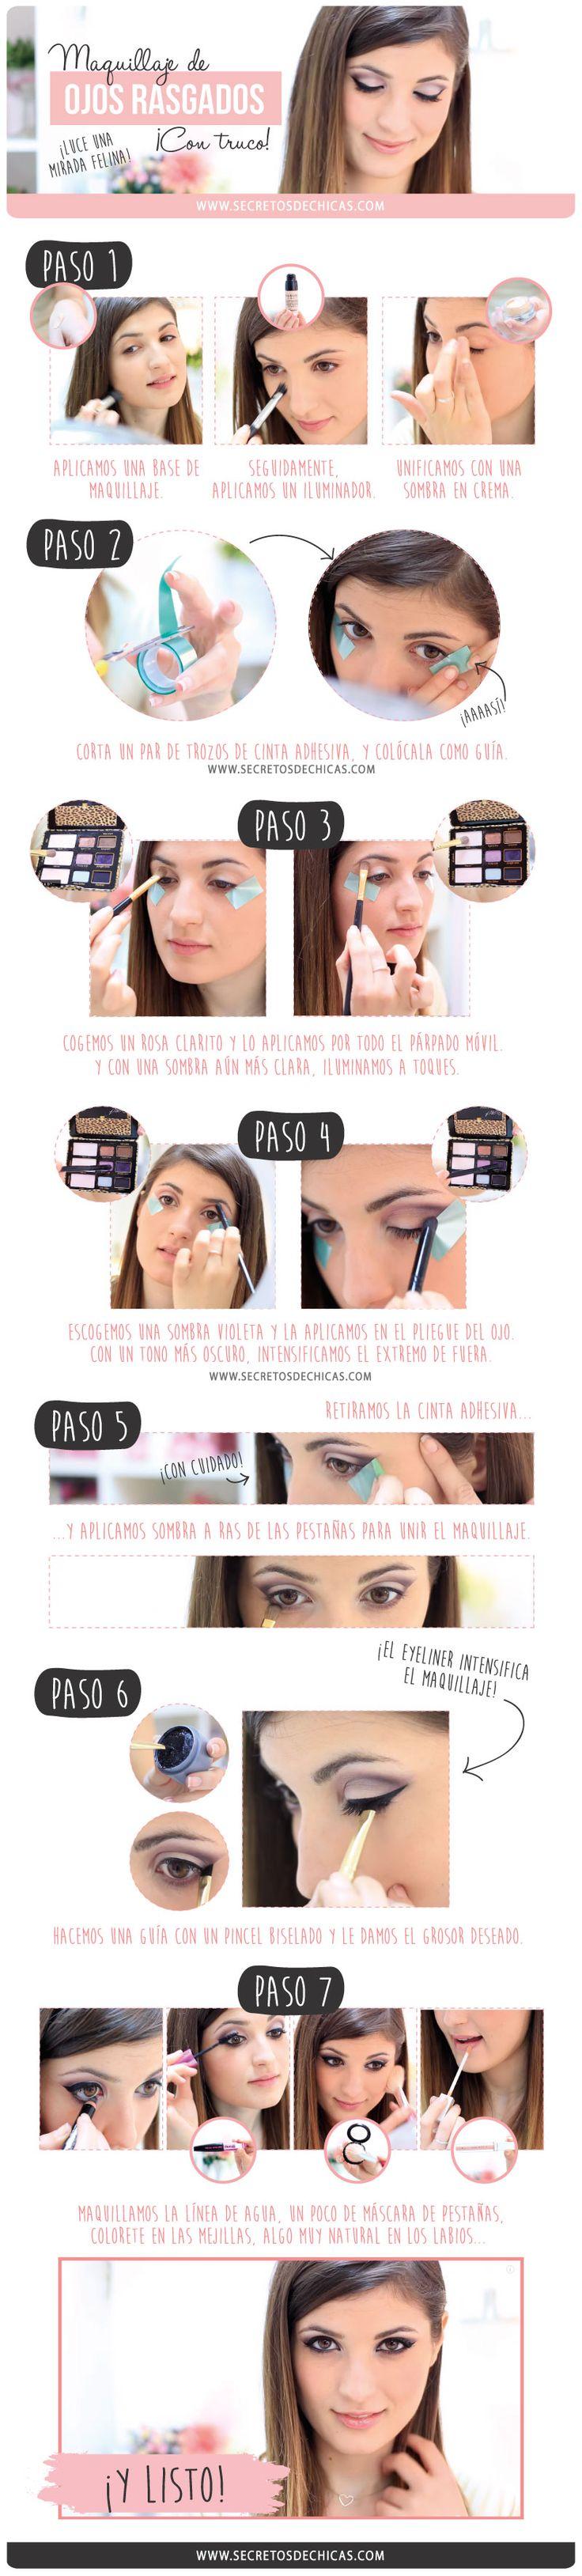 Maquillaje paso a paso con truco: ojos rasgados